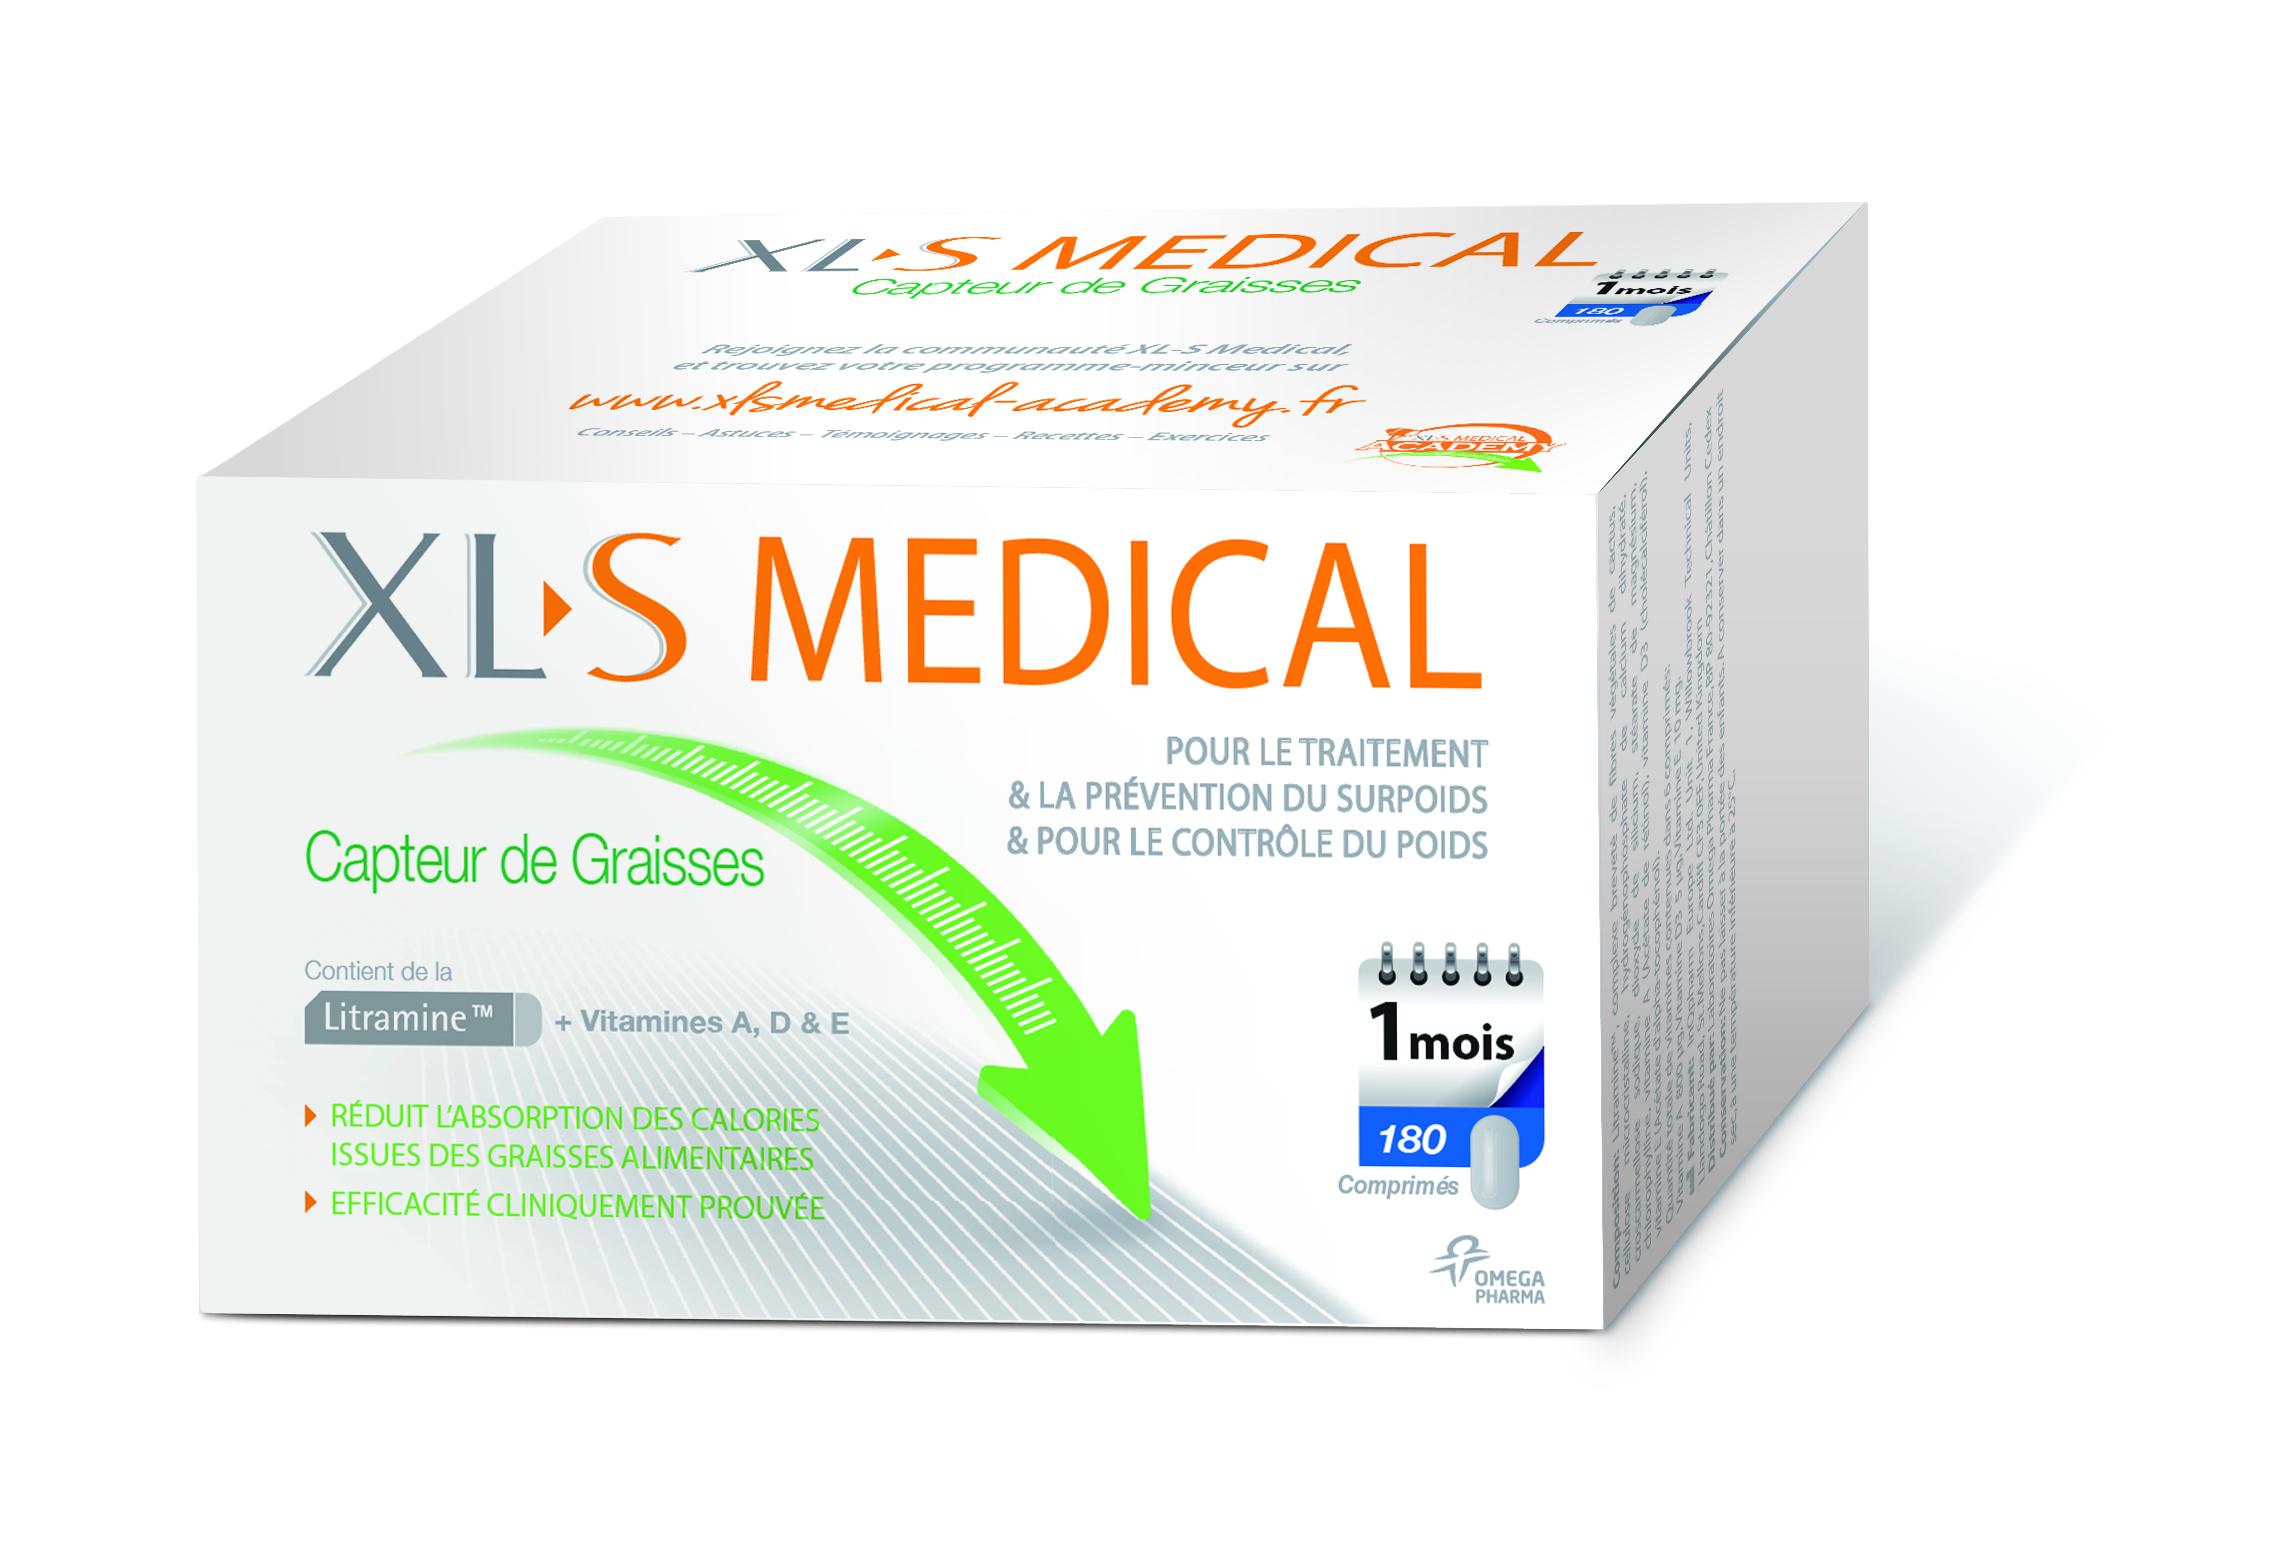 xls medicale capteur de graisse